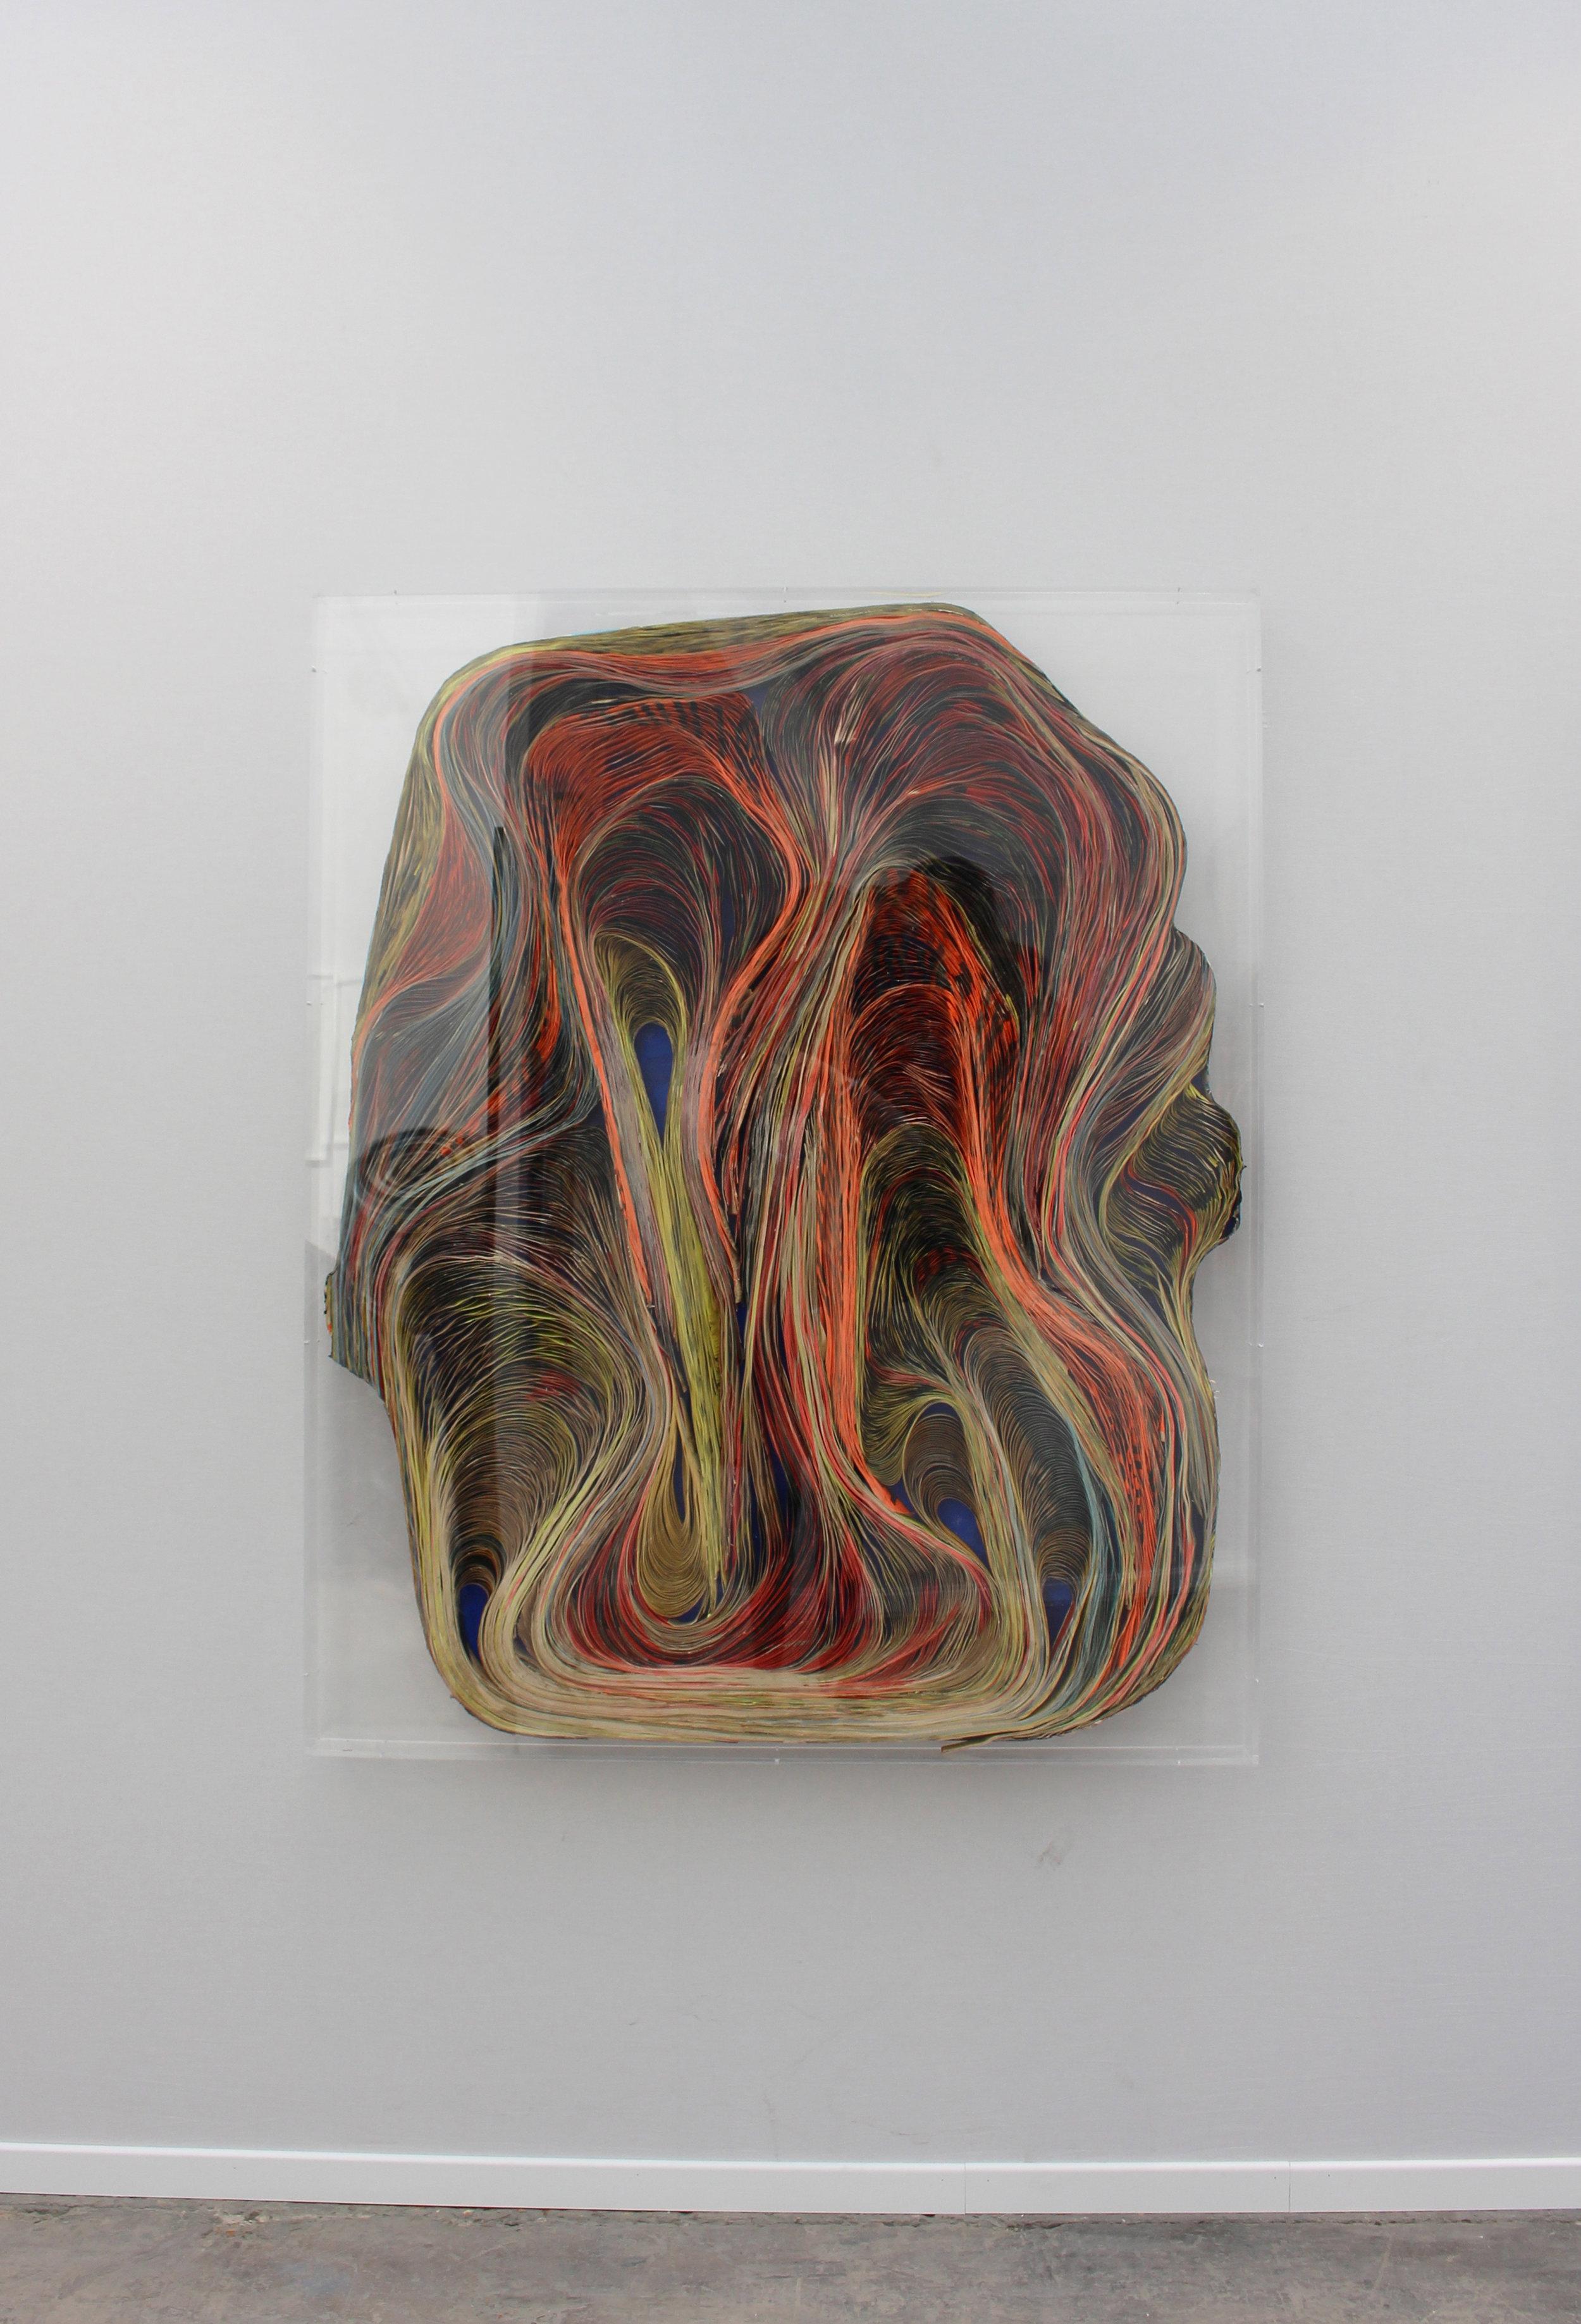 BAROQUE VII - Pavlos Dionyssopoulos (1966) - Lés de papier massicotés collés sur un fond en bois. Encadrement sous Plexiglas. ©Galerie Sobering Photographie (Cécile Gremillet).